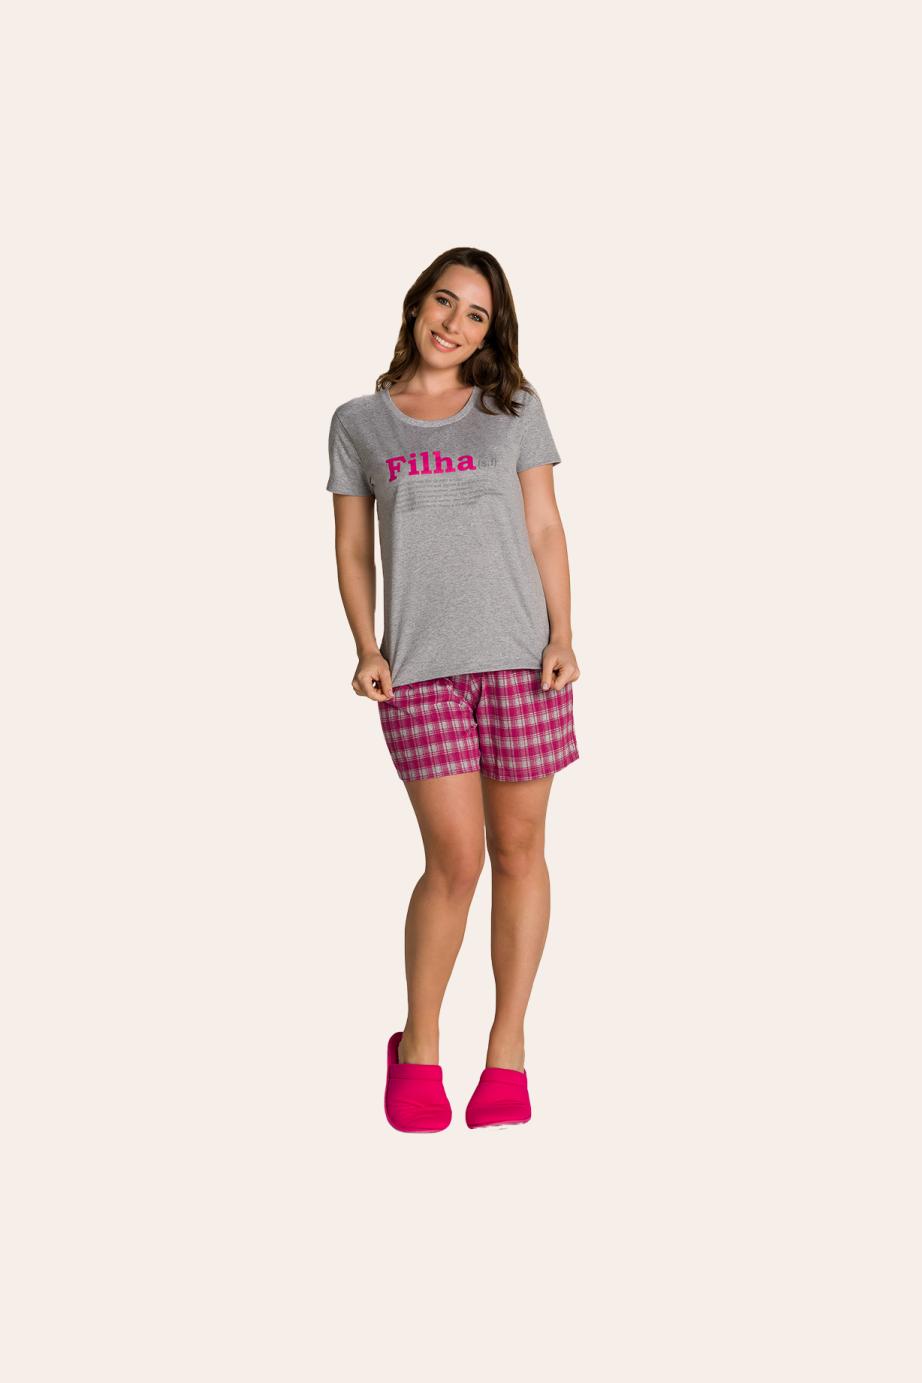 001/B - Pijama Adulto Feminino Xadrez Família Completa Estampa Filha